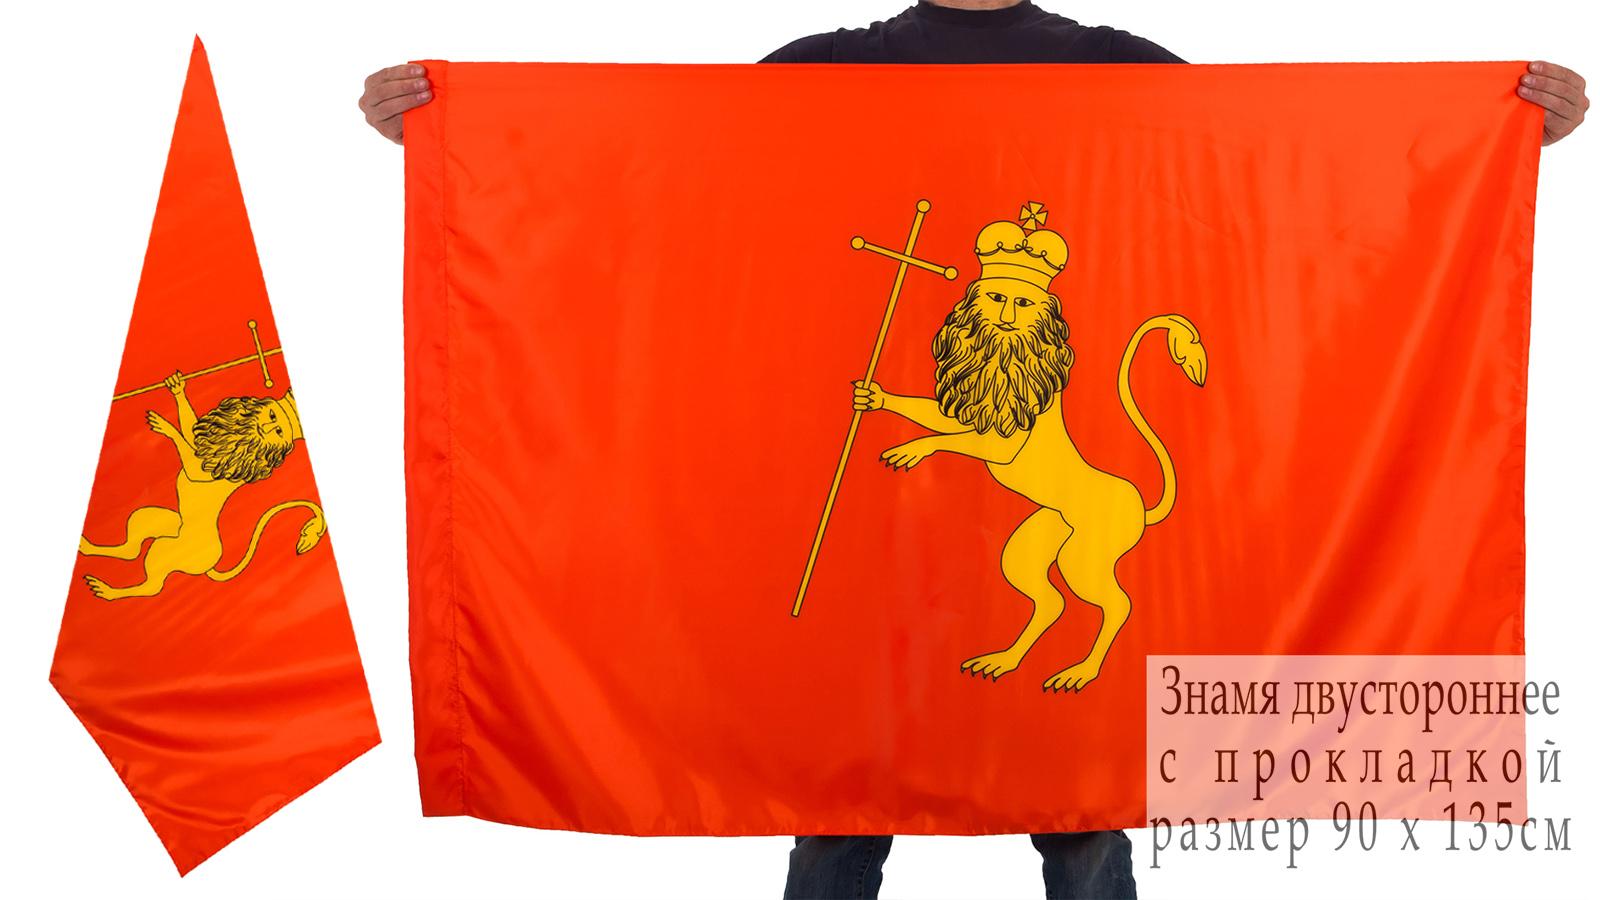 Двухсторонний флаг Владимира